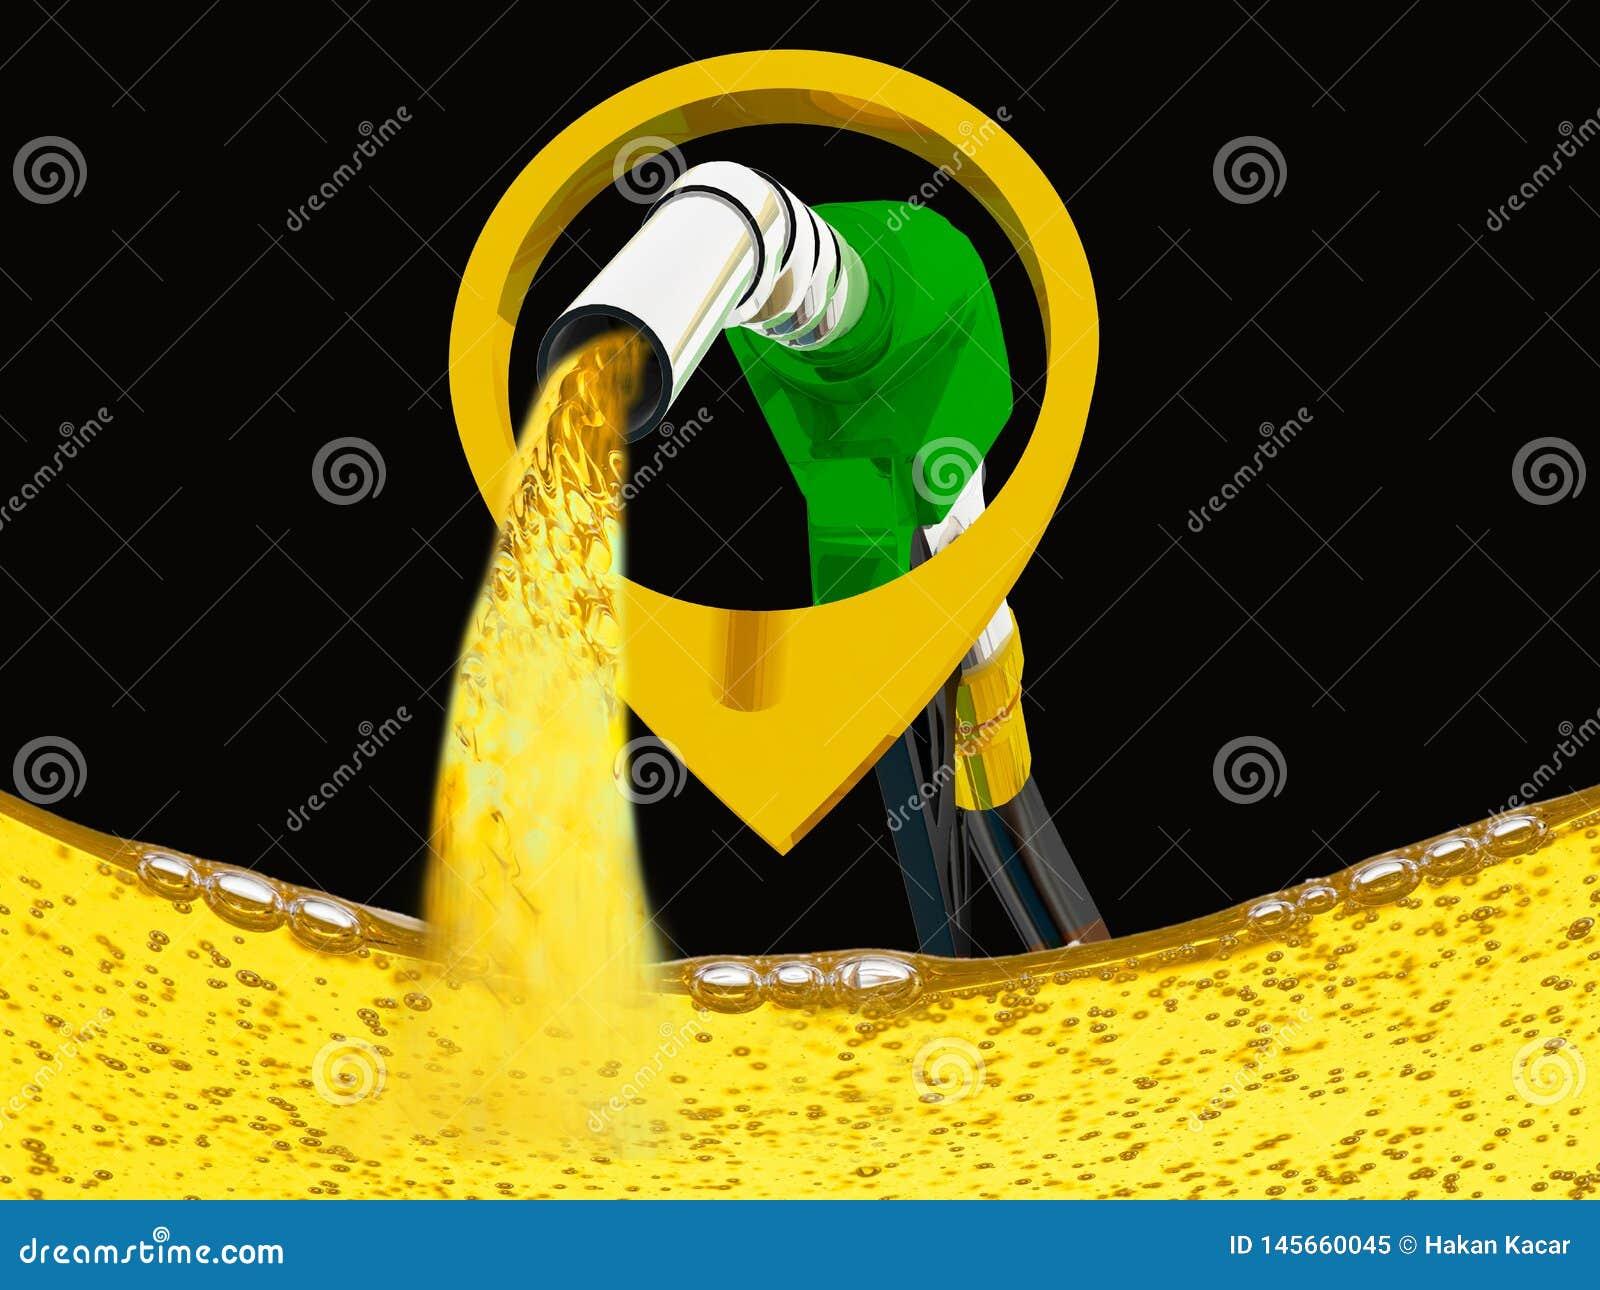 A ilustra??o 3D, prov? de bocal a gasolina de bombeamento em um tanque, da gasolina de derramamento do bocal de combust?vel sobre